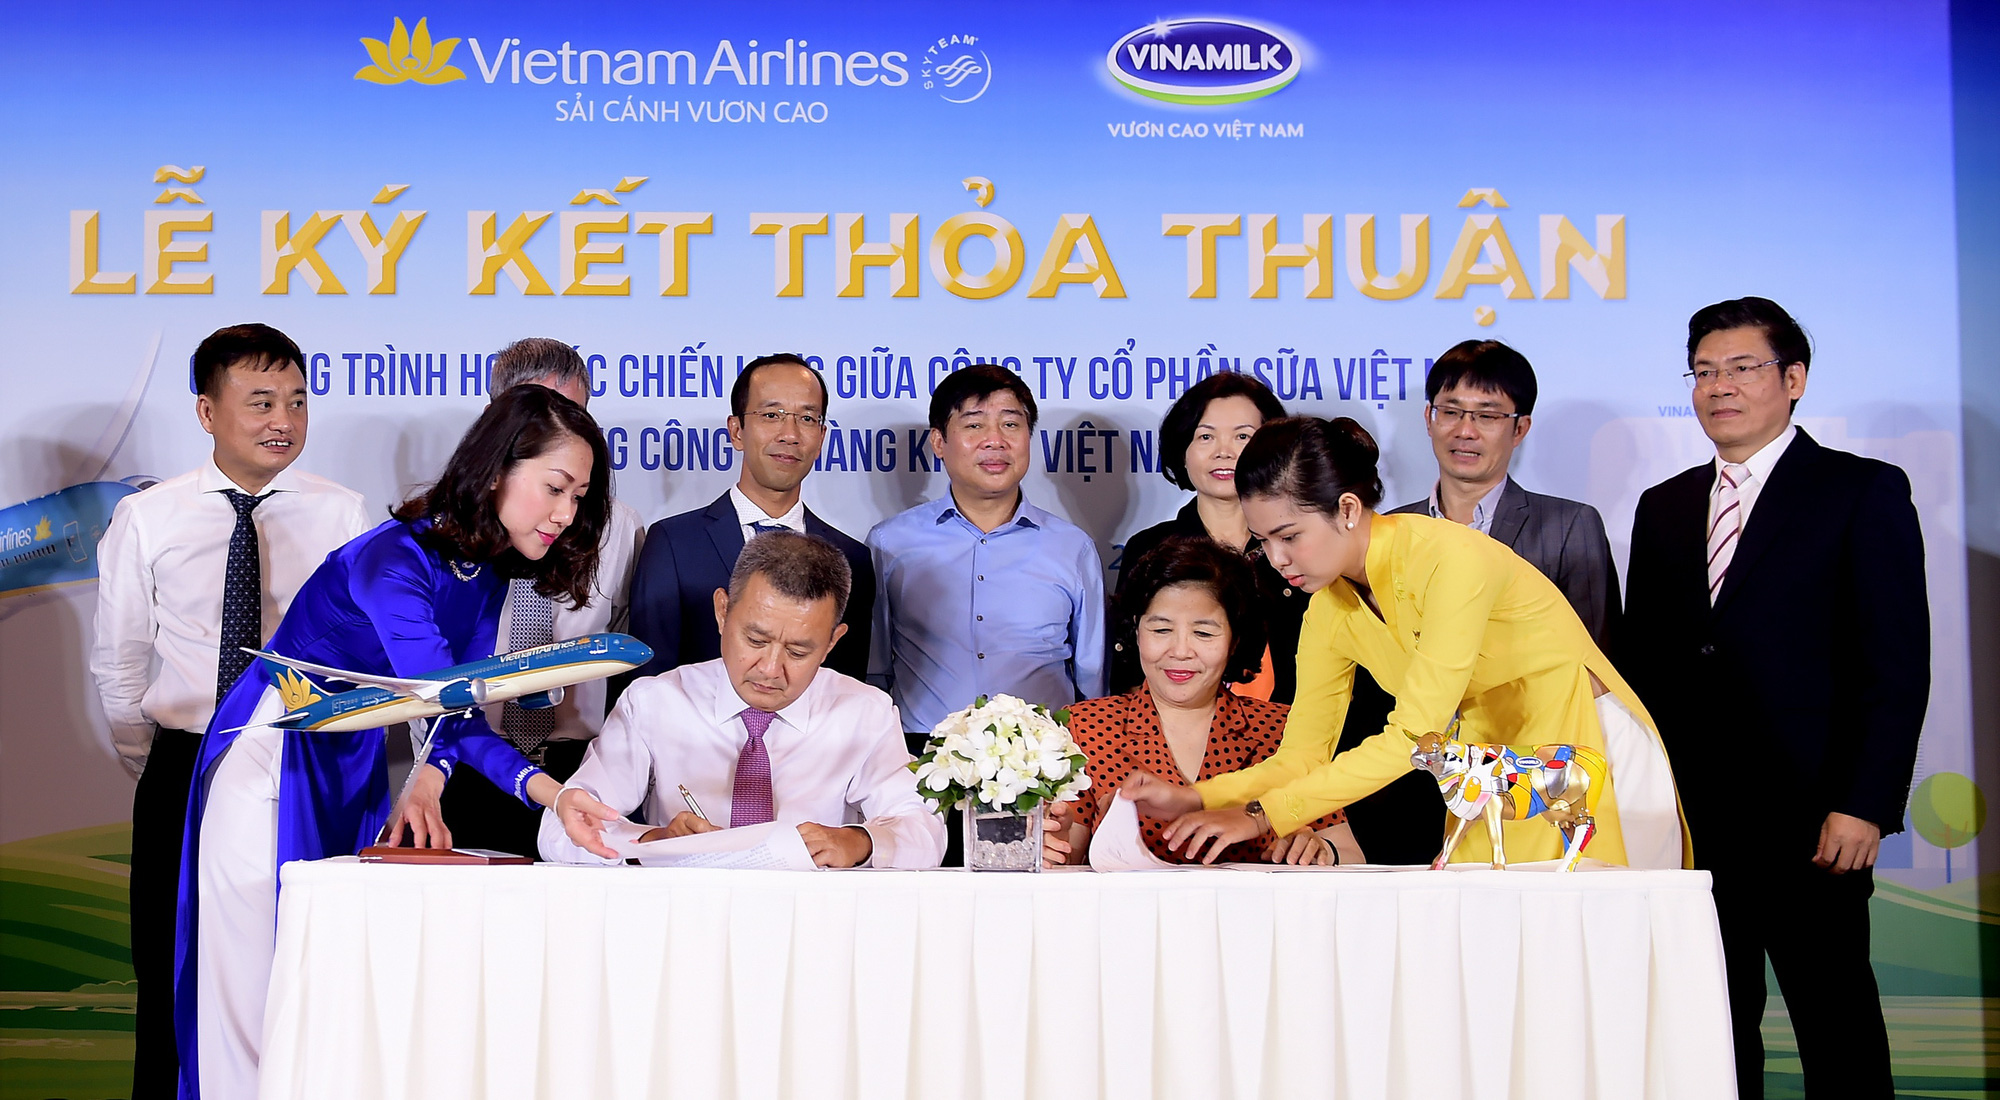 Vietnam Airlines vào top những khoản đầu tư lớn nhất của SCIC, cùng với Vinamilk, Sabeco - Ảnh 1.